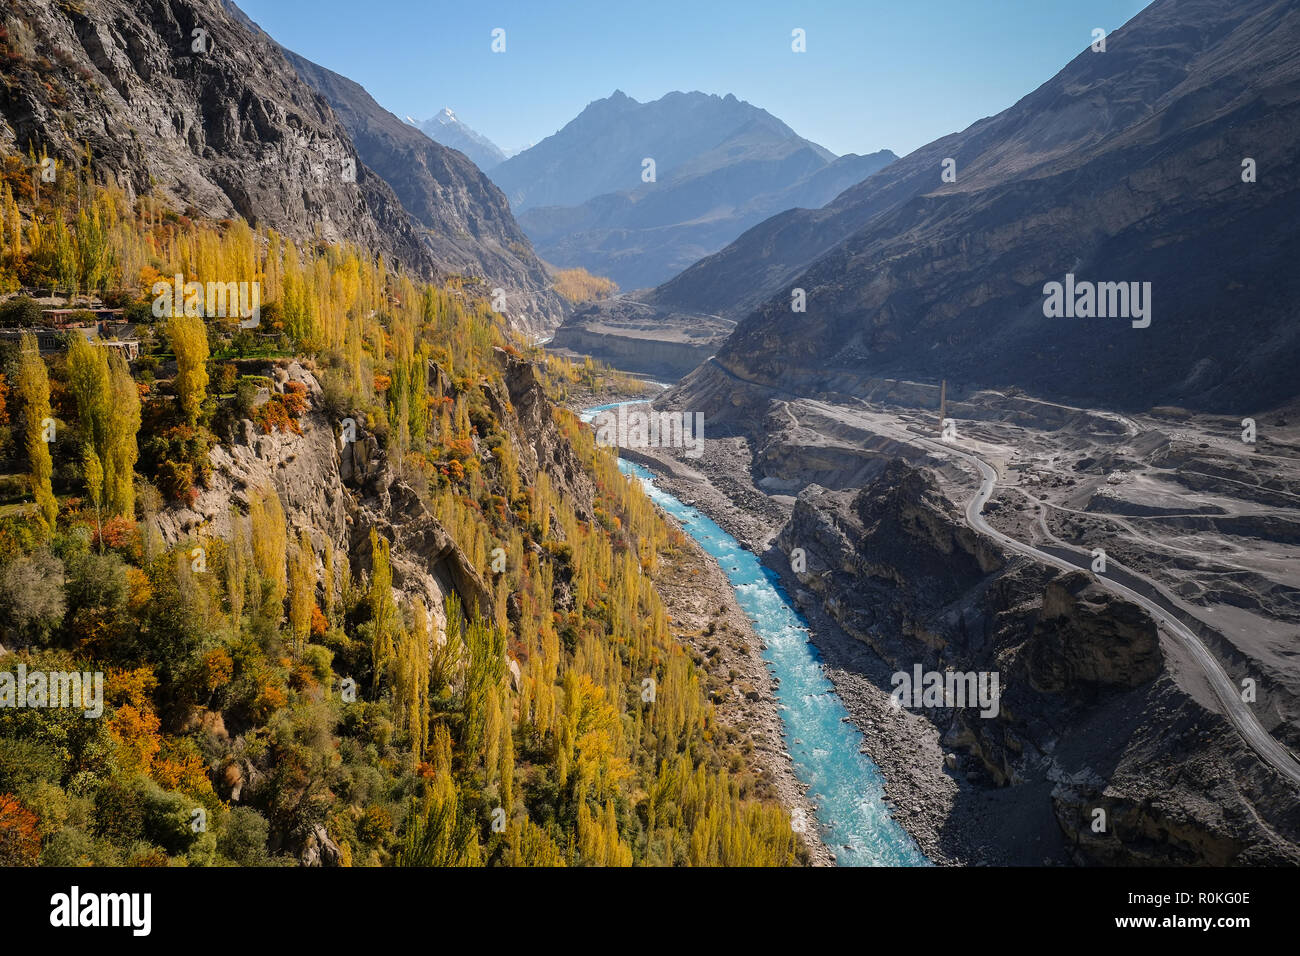 Alamy Hunza et Photos Mountain Pakistan Images 3qcRL4j5AS